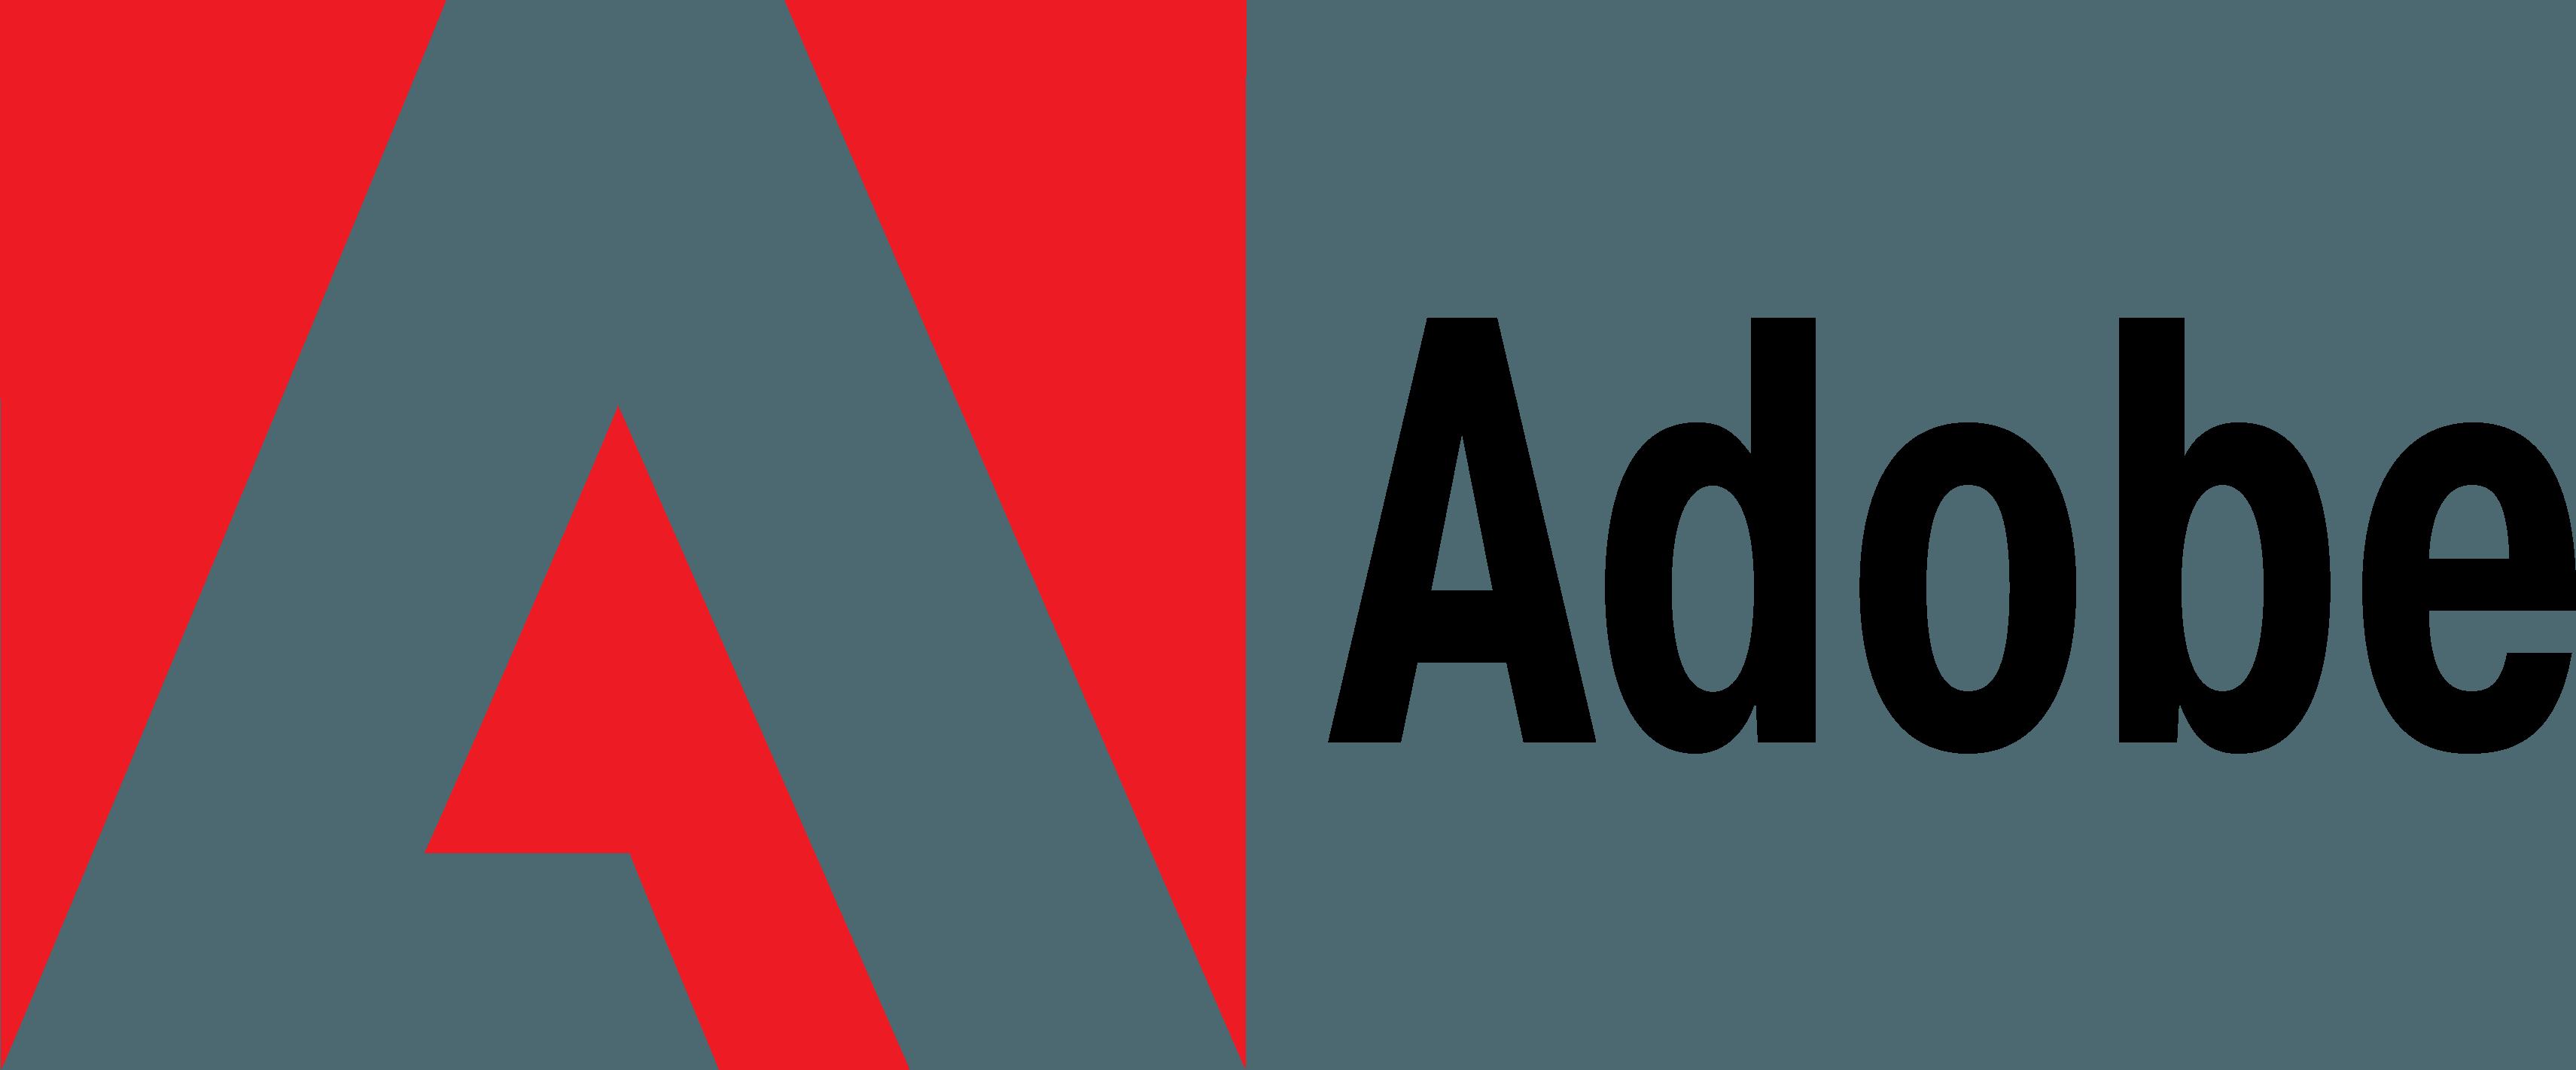 Adobe ECM logo